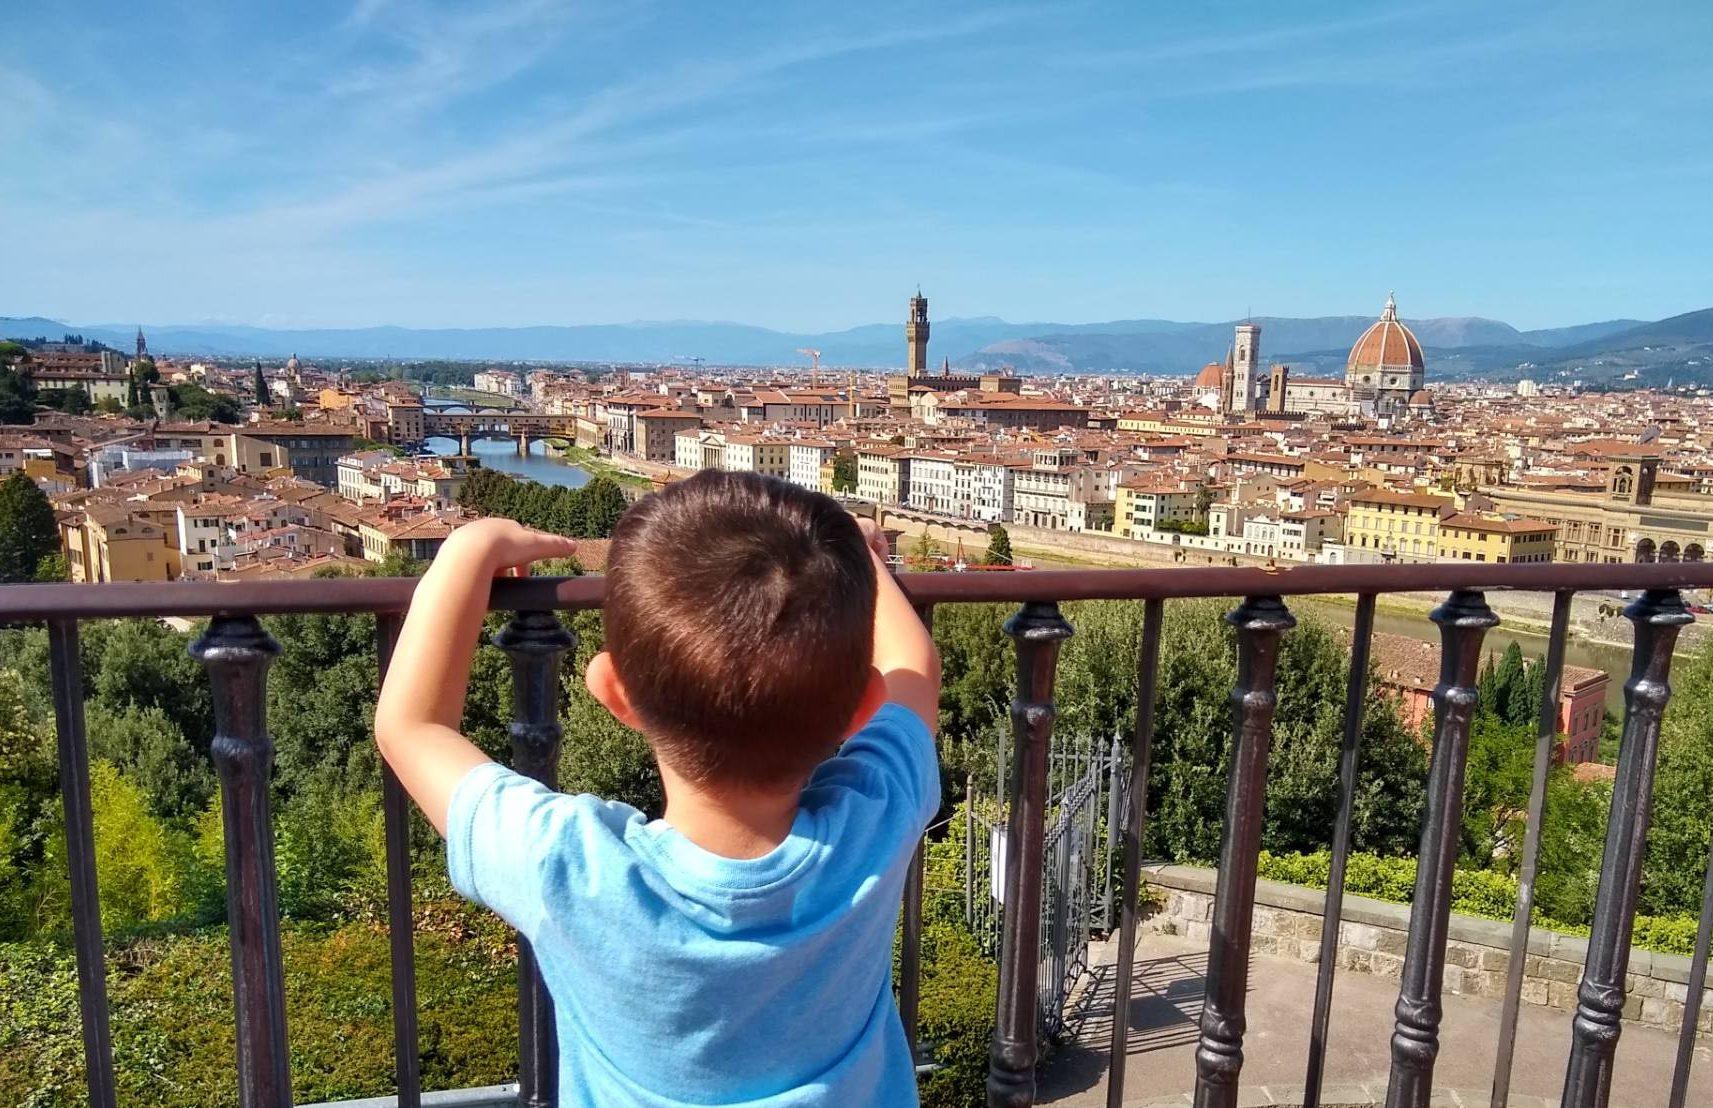 Fran mirando hacia Florencia